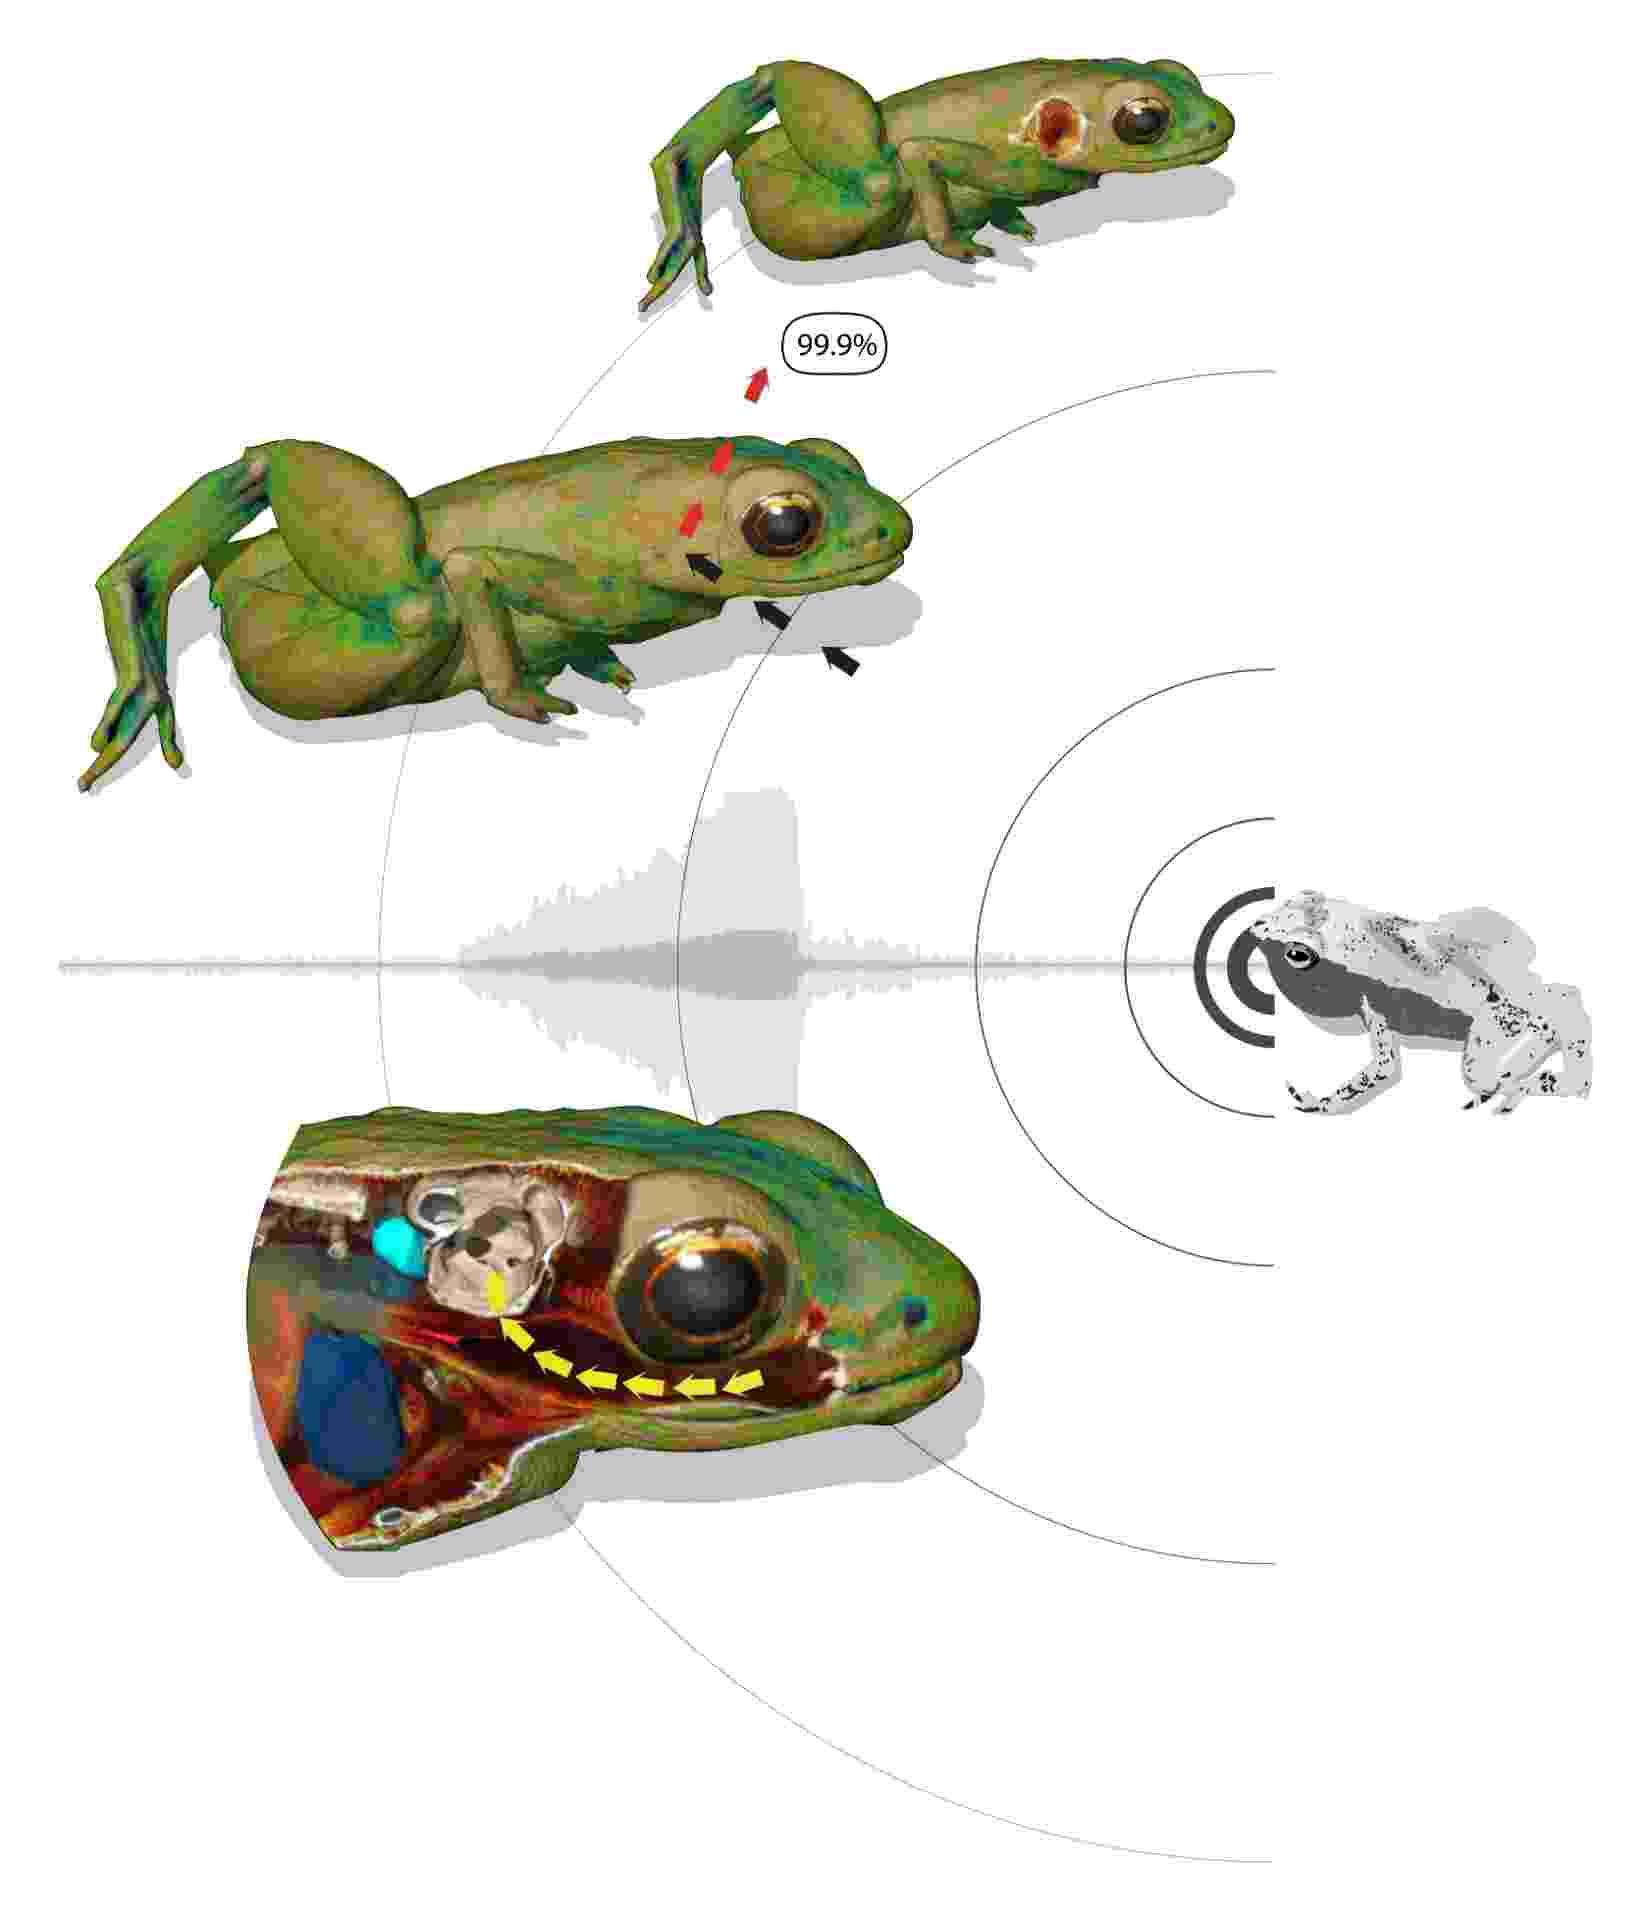 """2.set.2013 - A boca da rã Gardiner (""""Sechellophryne gardineri"""") funciona como uma """"câmara de ressonância"""" para as frequências sonoras, ampliando o 'barulho' dentro da cabeça do animal - no caso do estudo francês, foram usados o coaxar de outras espécies de anfíbios como teste de audição. Uma membrana que existe entre a cavidade bucal e do ouvido interno está adaptada para transportar essas ondas sonoras para o ouvido interno, permitindo que o pequeno anfíbio escute mesmo sem ter tímpano nem ouvido médio - R. Boistel/CNRS"""